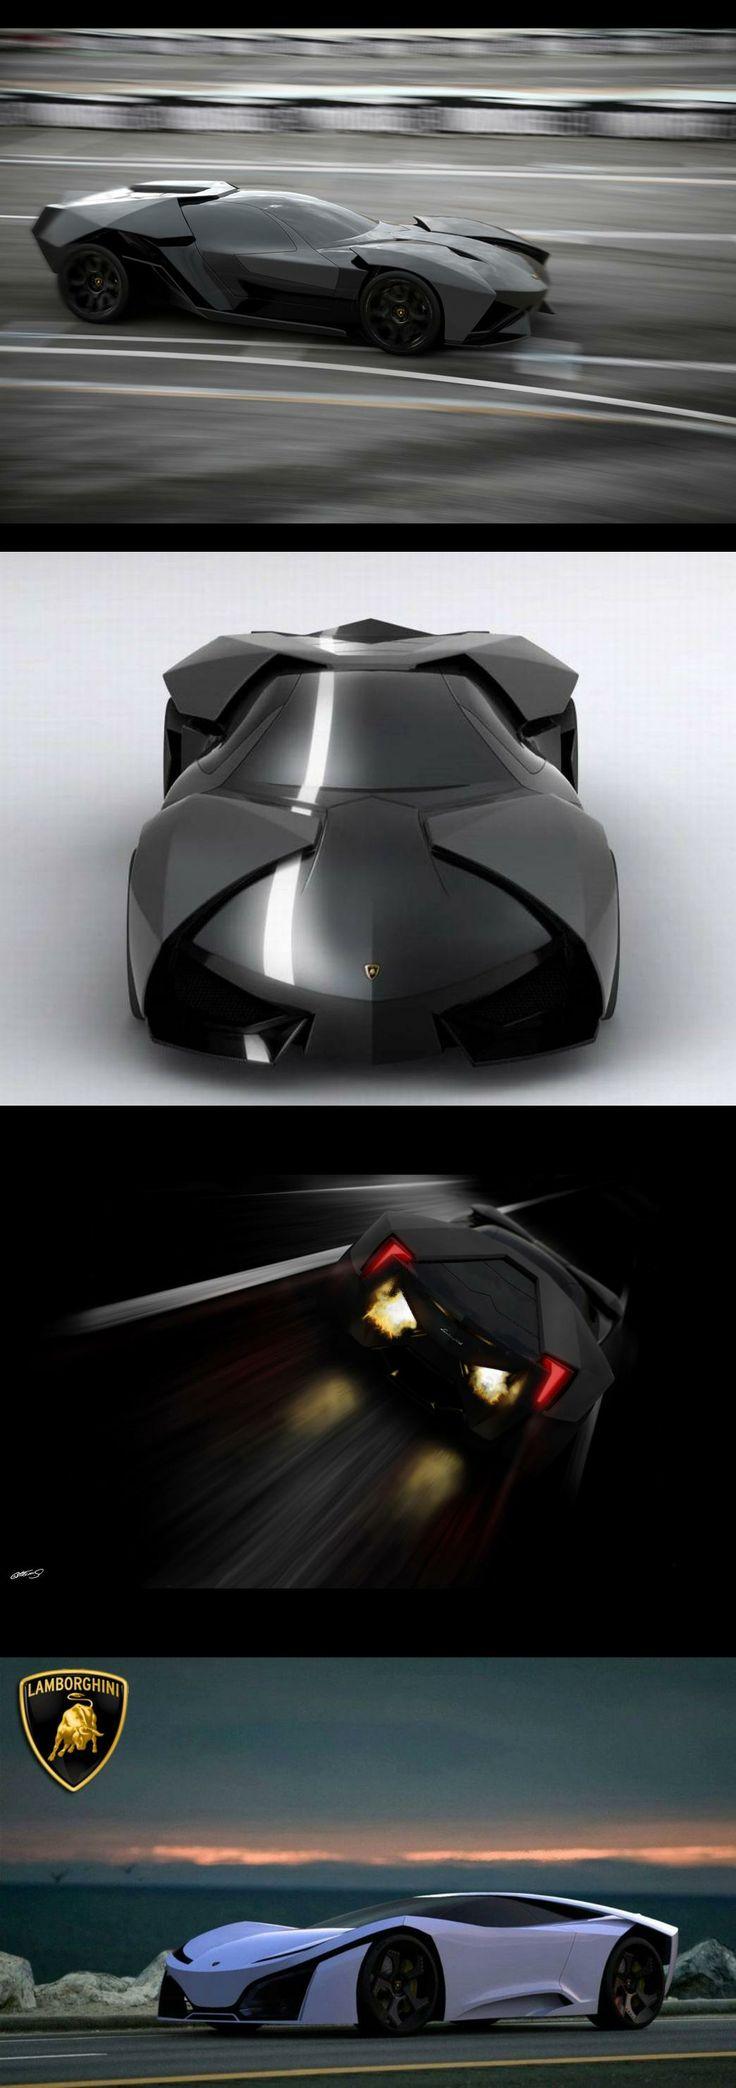 Lamborghini ankonian concept interior lamborghini - Lamborghini Ankonian Concept